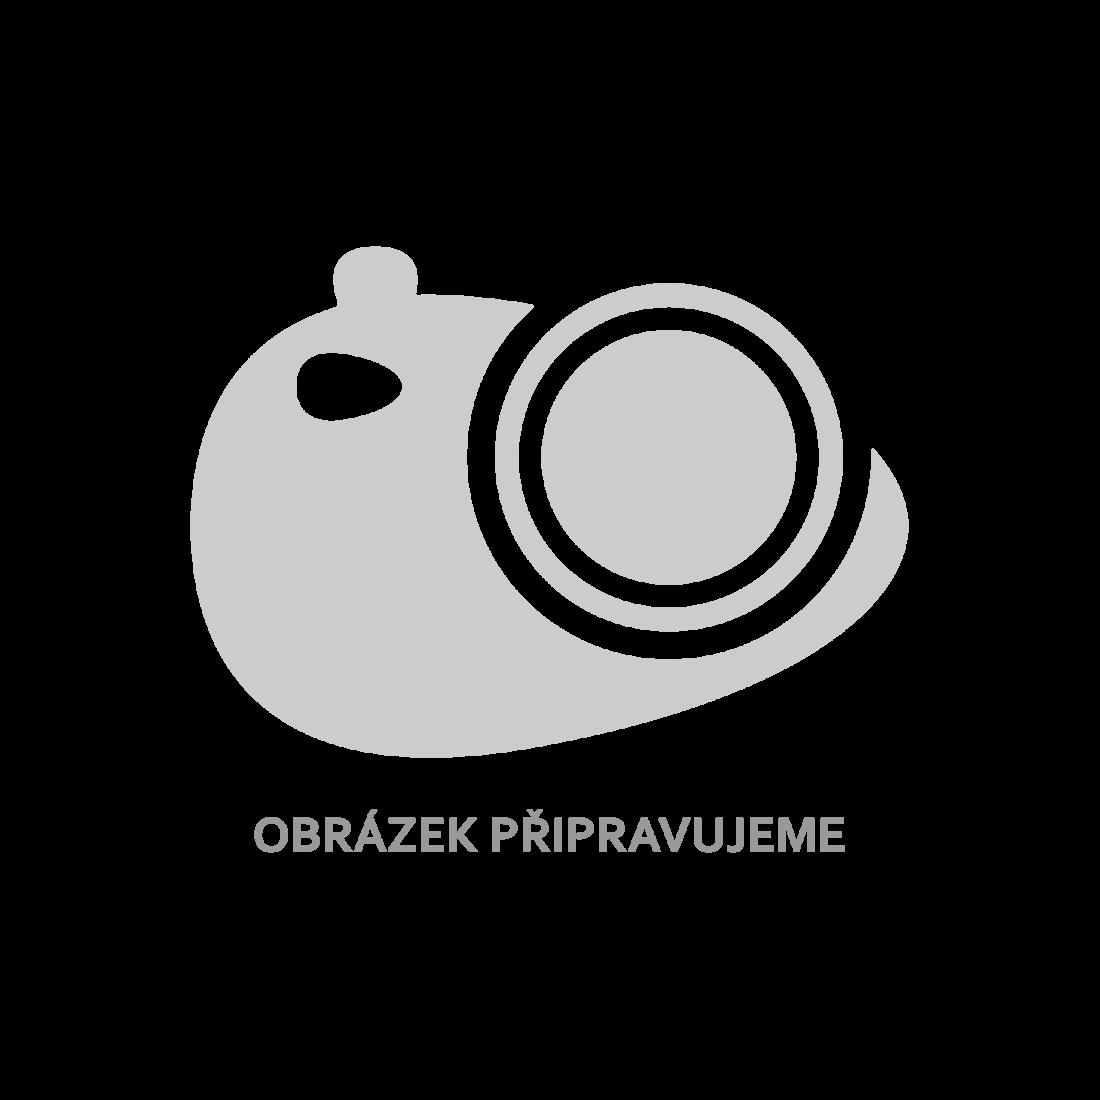 vidaXL Rám postele 2 zásuvky medově hnědý masivní borovice 120x200 cm [3060521]